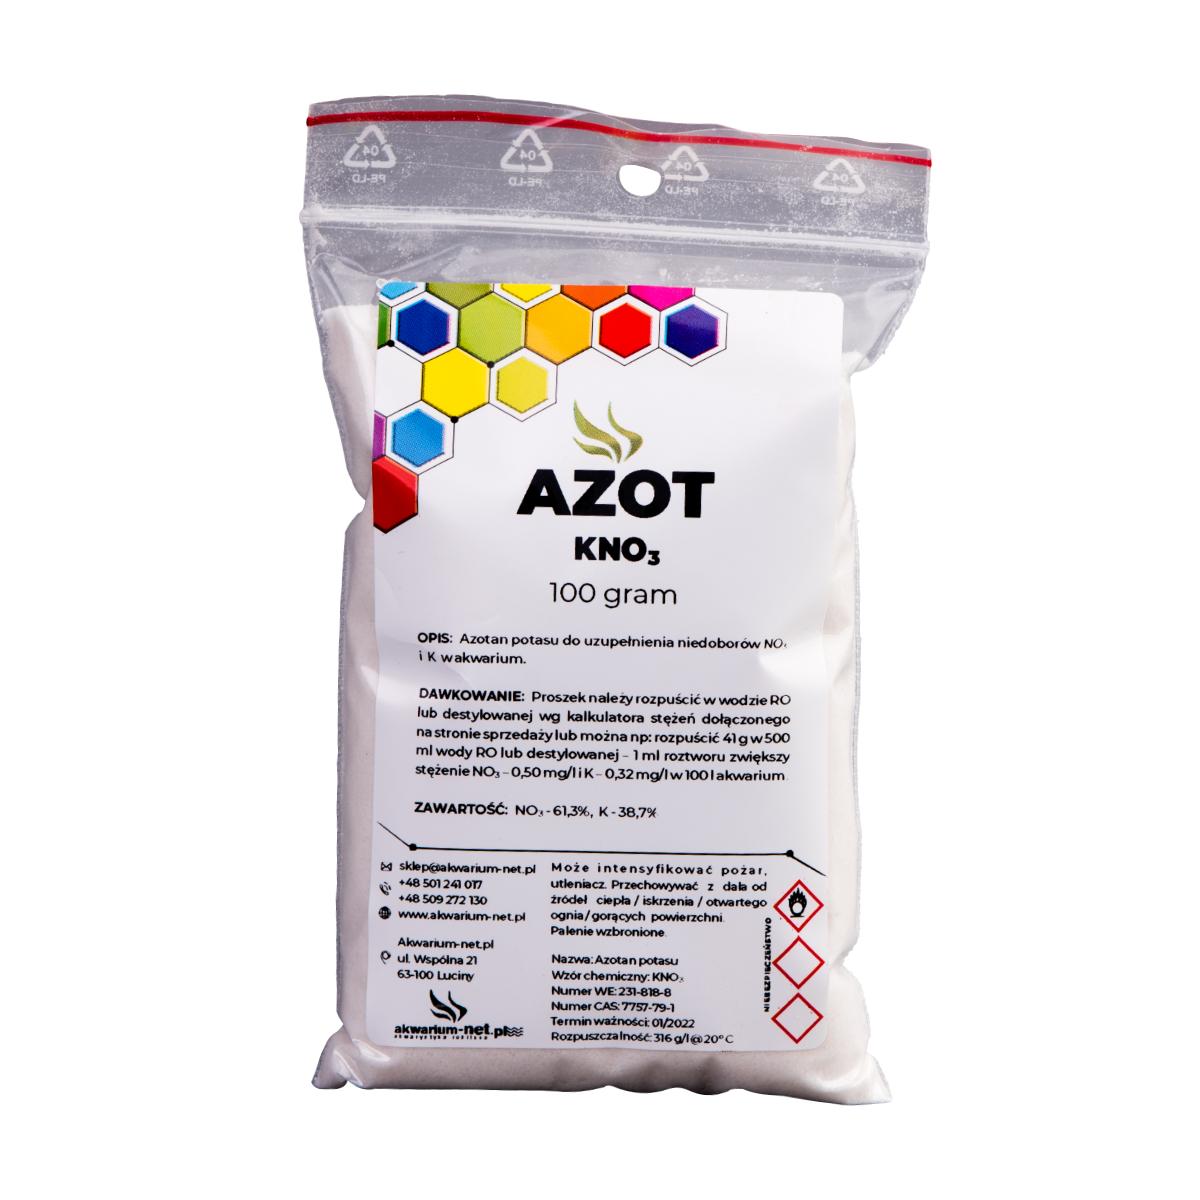 AZOT - KNO3 100 g (CZYSTY DO 99,9%)